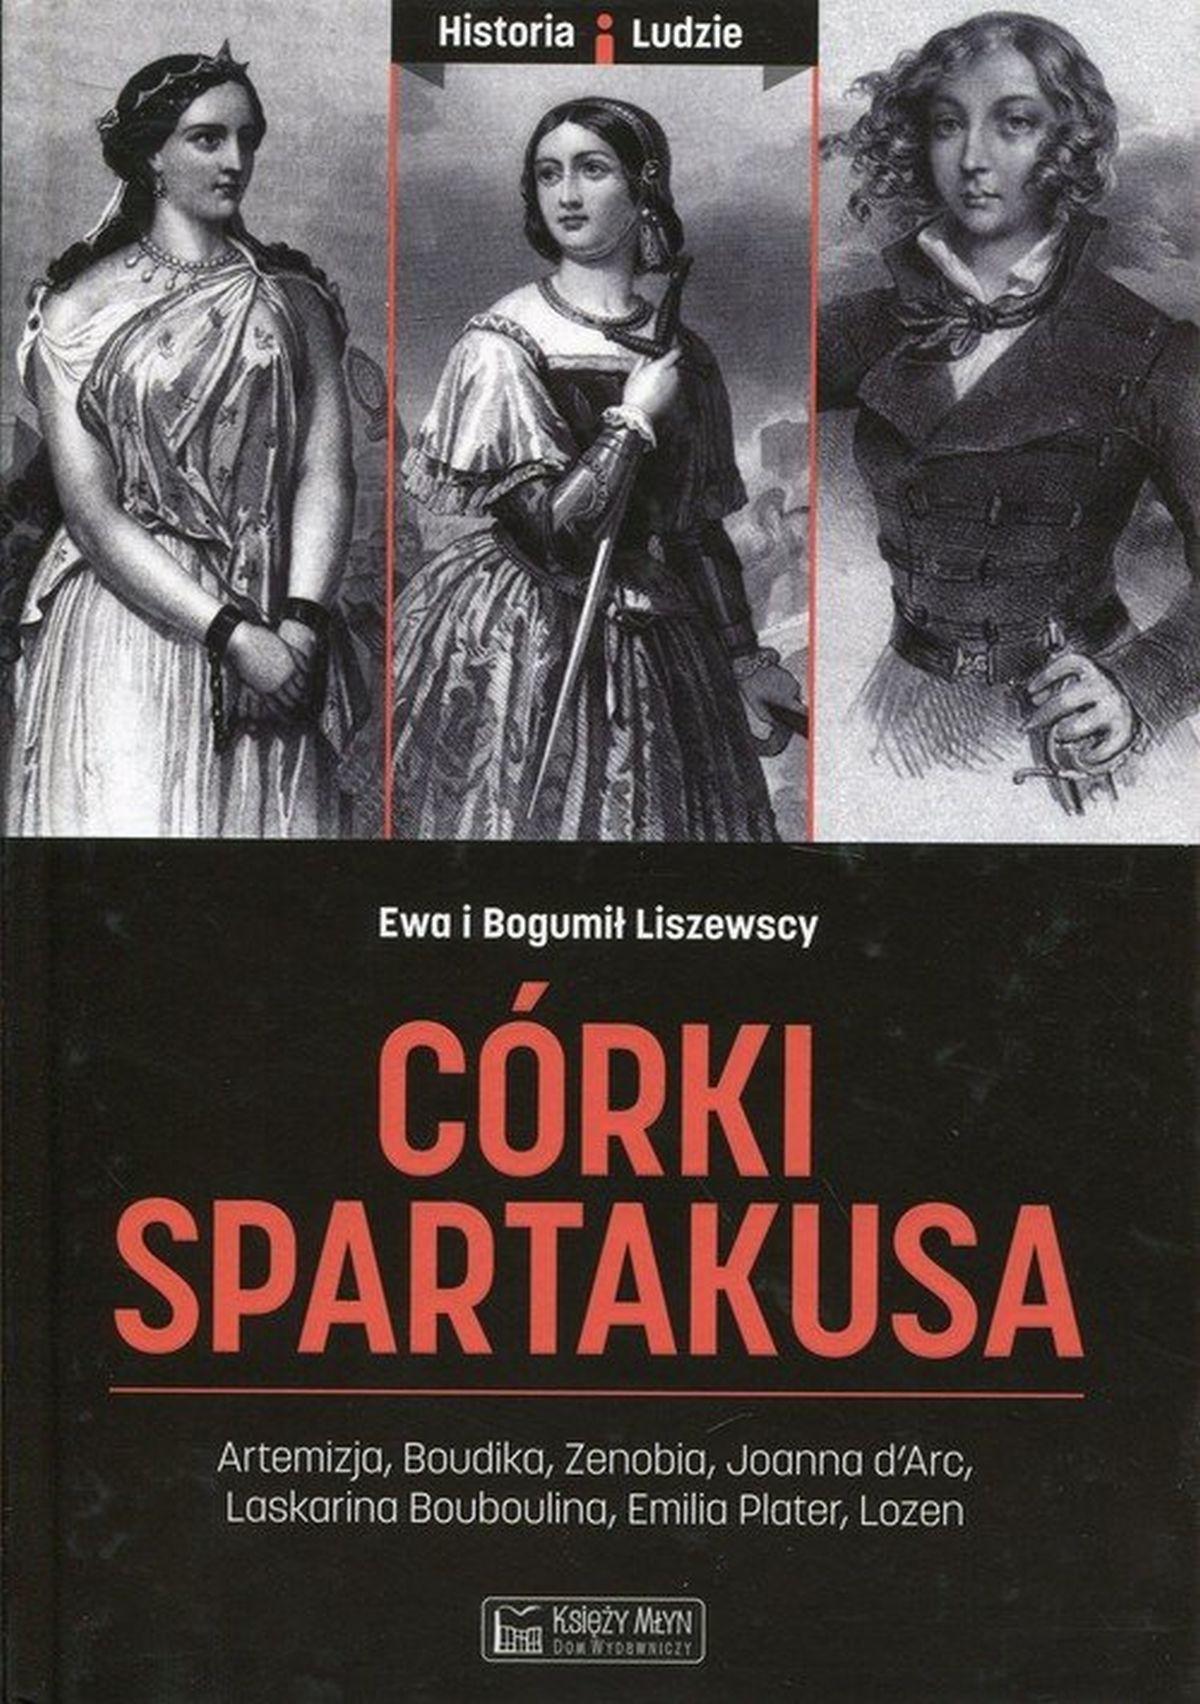 Bogumił Liszewski, Ewa Liszewska, Córki Spartakusa